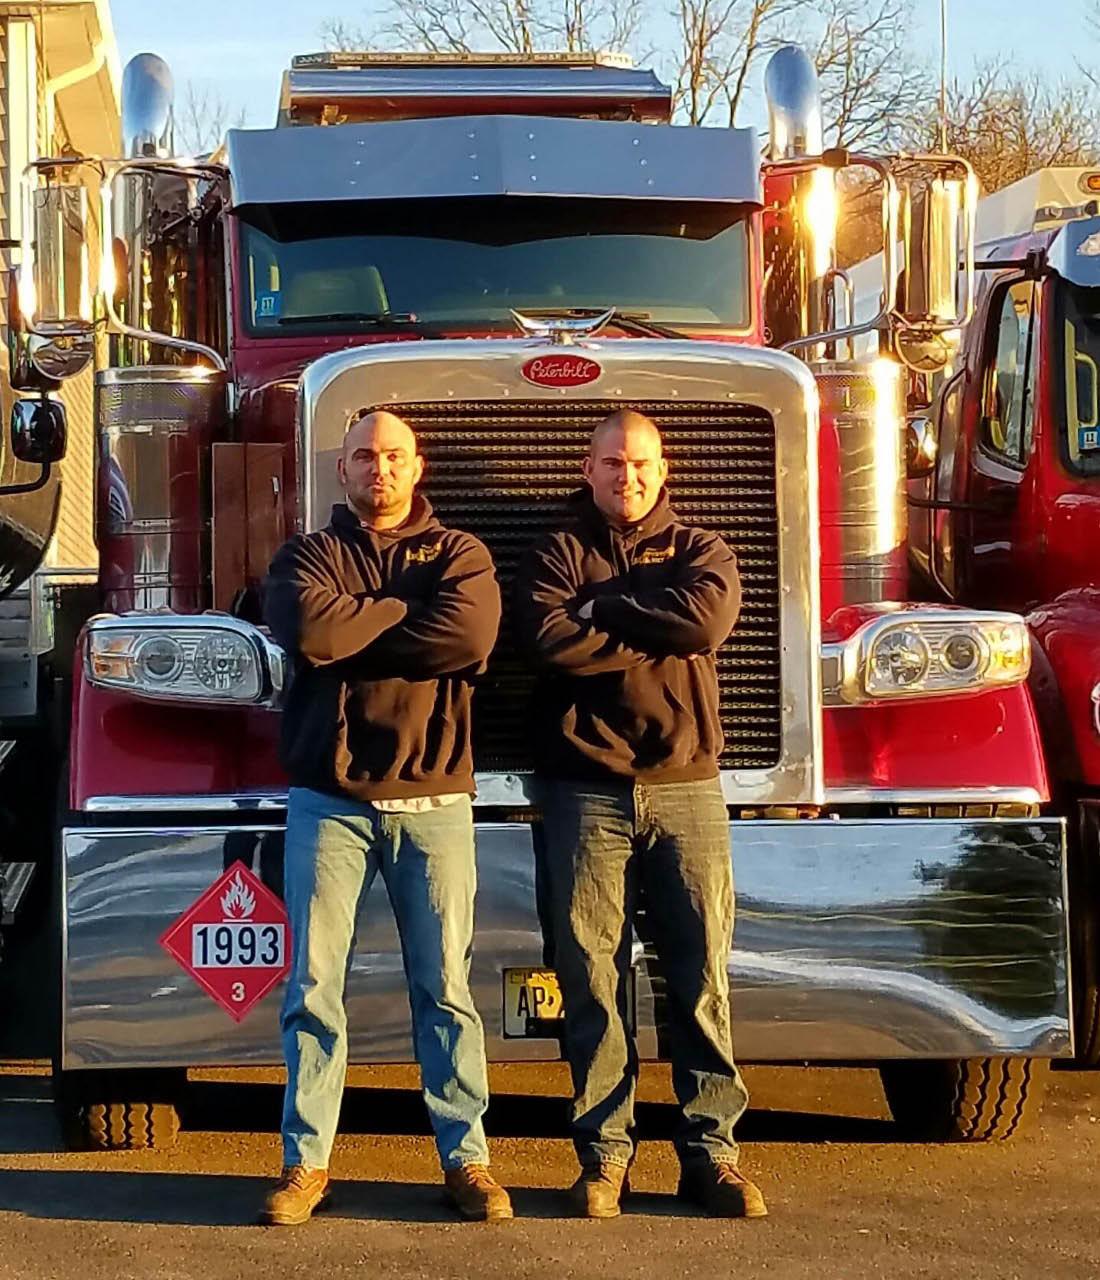 Owners of Hackettstown Oil in Hackettstown NJ